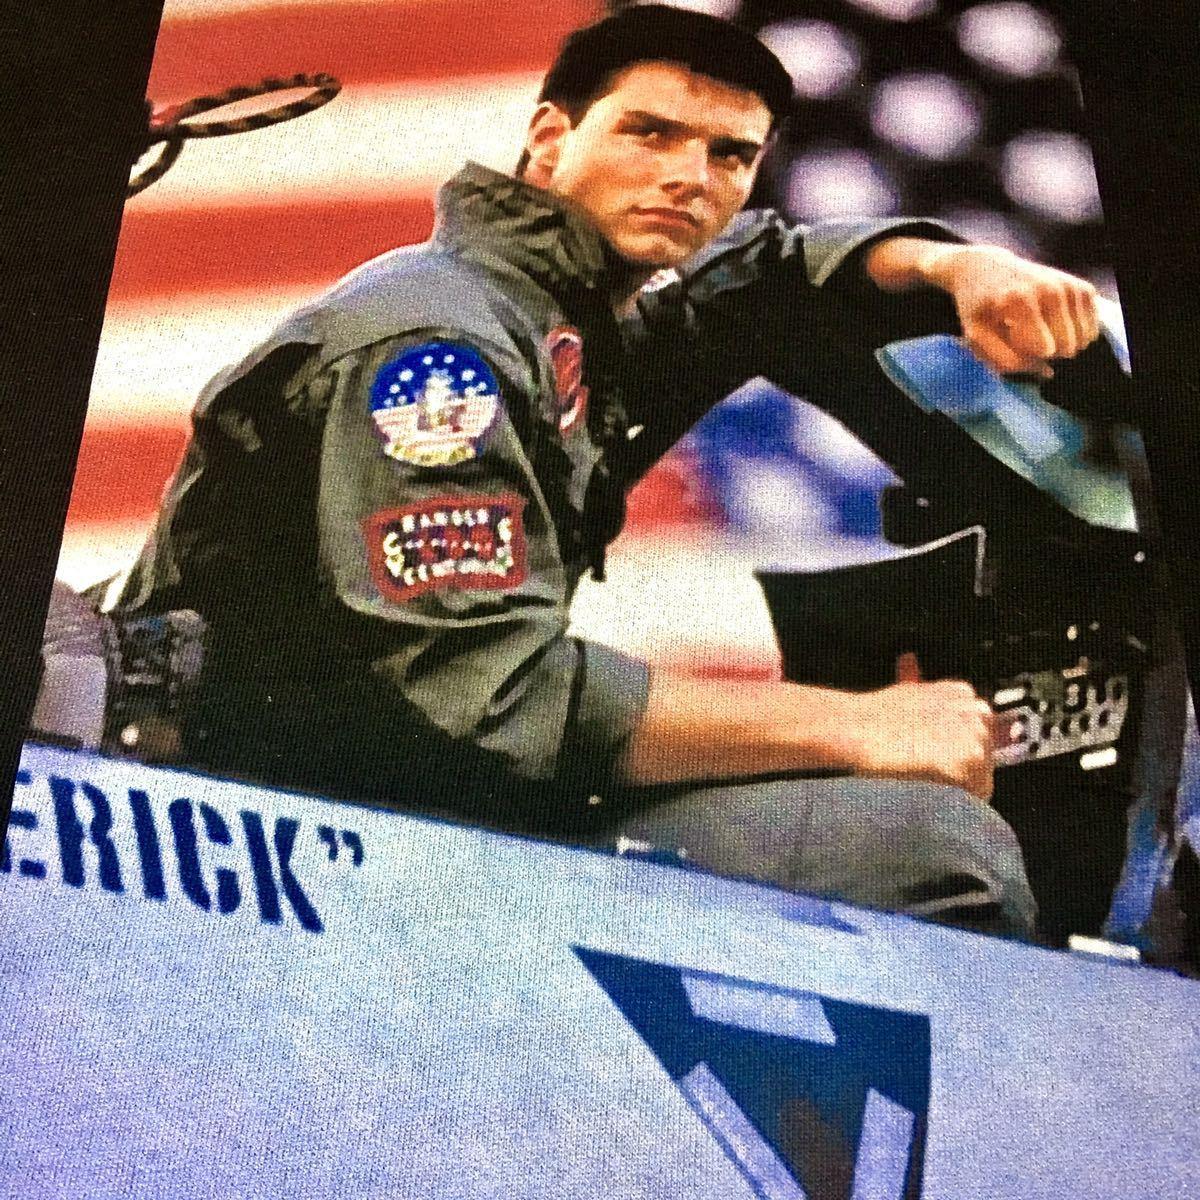 新品 トップガン トムクルーズ アメリカ 空軍 戦闘機 星条旗 黒 パーカー XS S M L XL ビッグ オーバー サイズ XXL XXXL ジップアップ 可_画像6